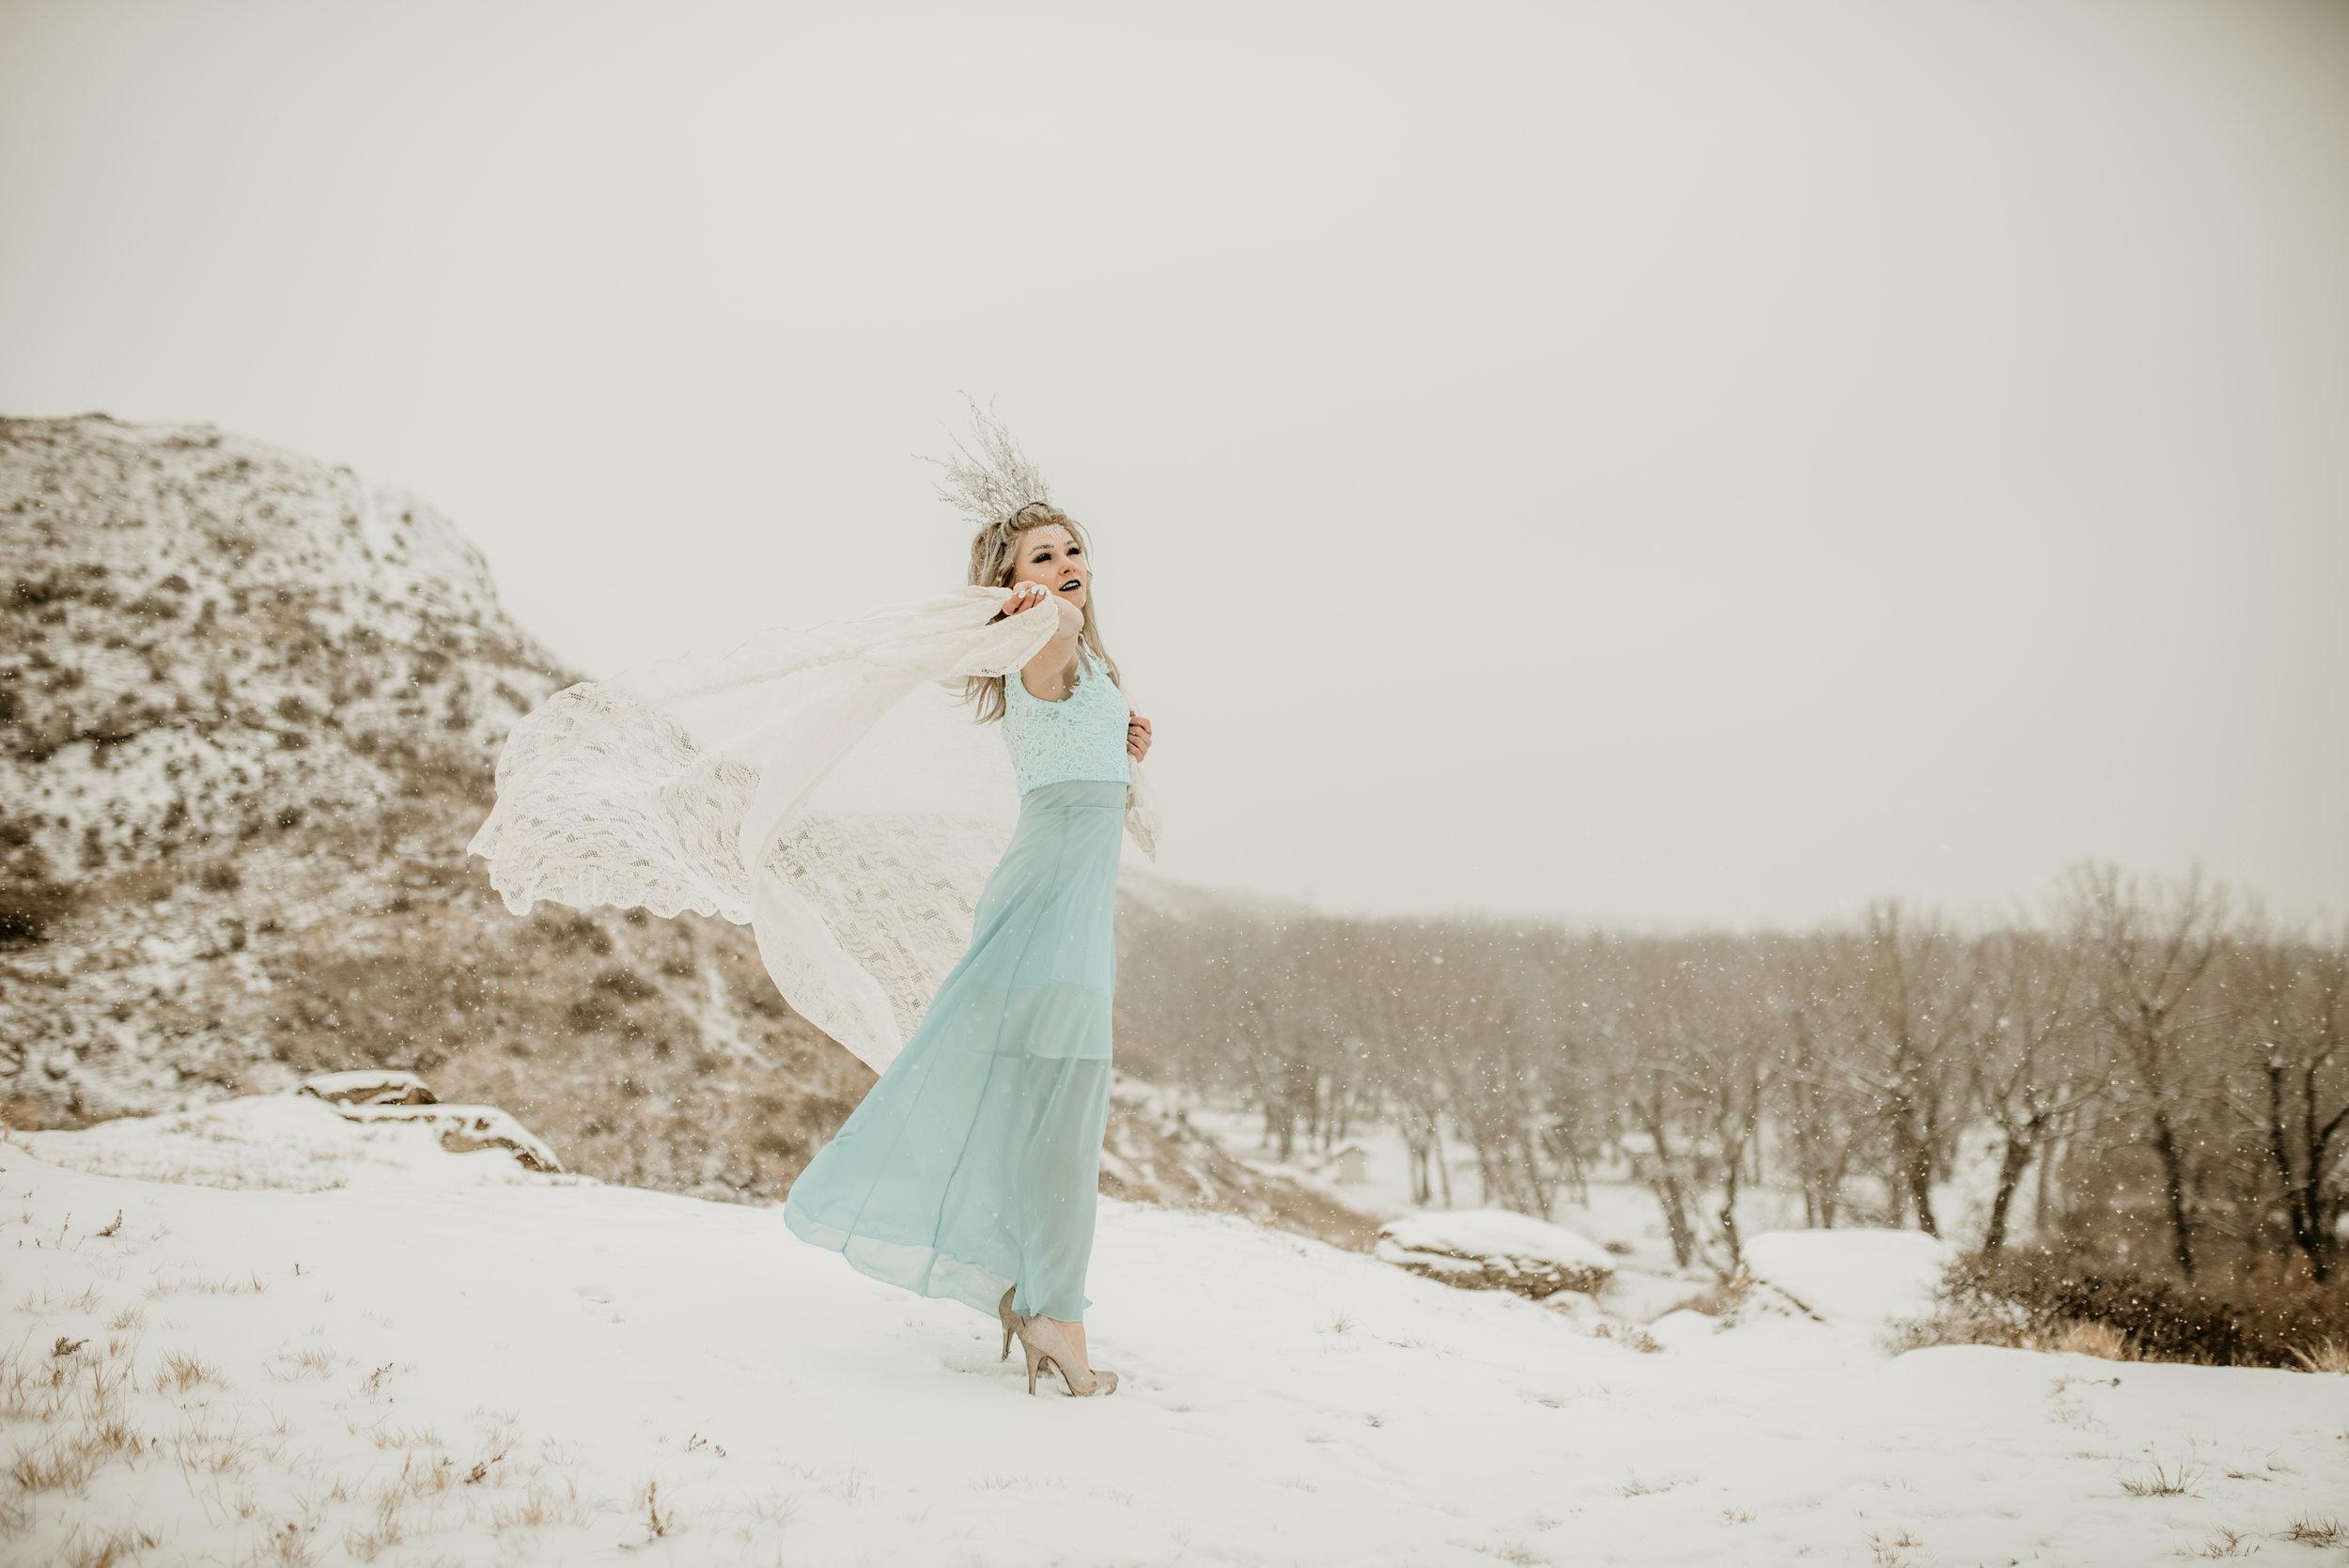 snow queen - jade-16.jpg